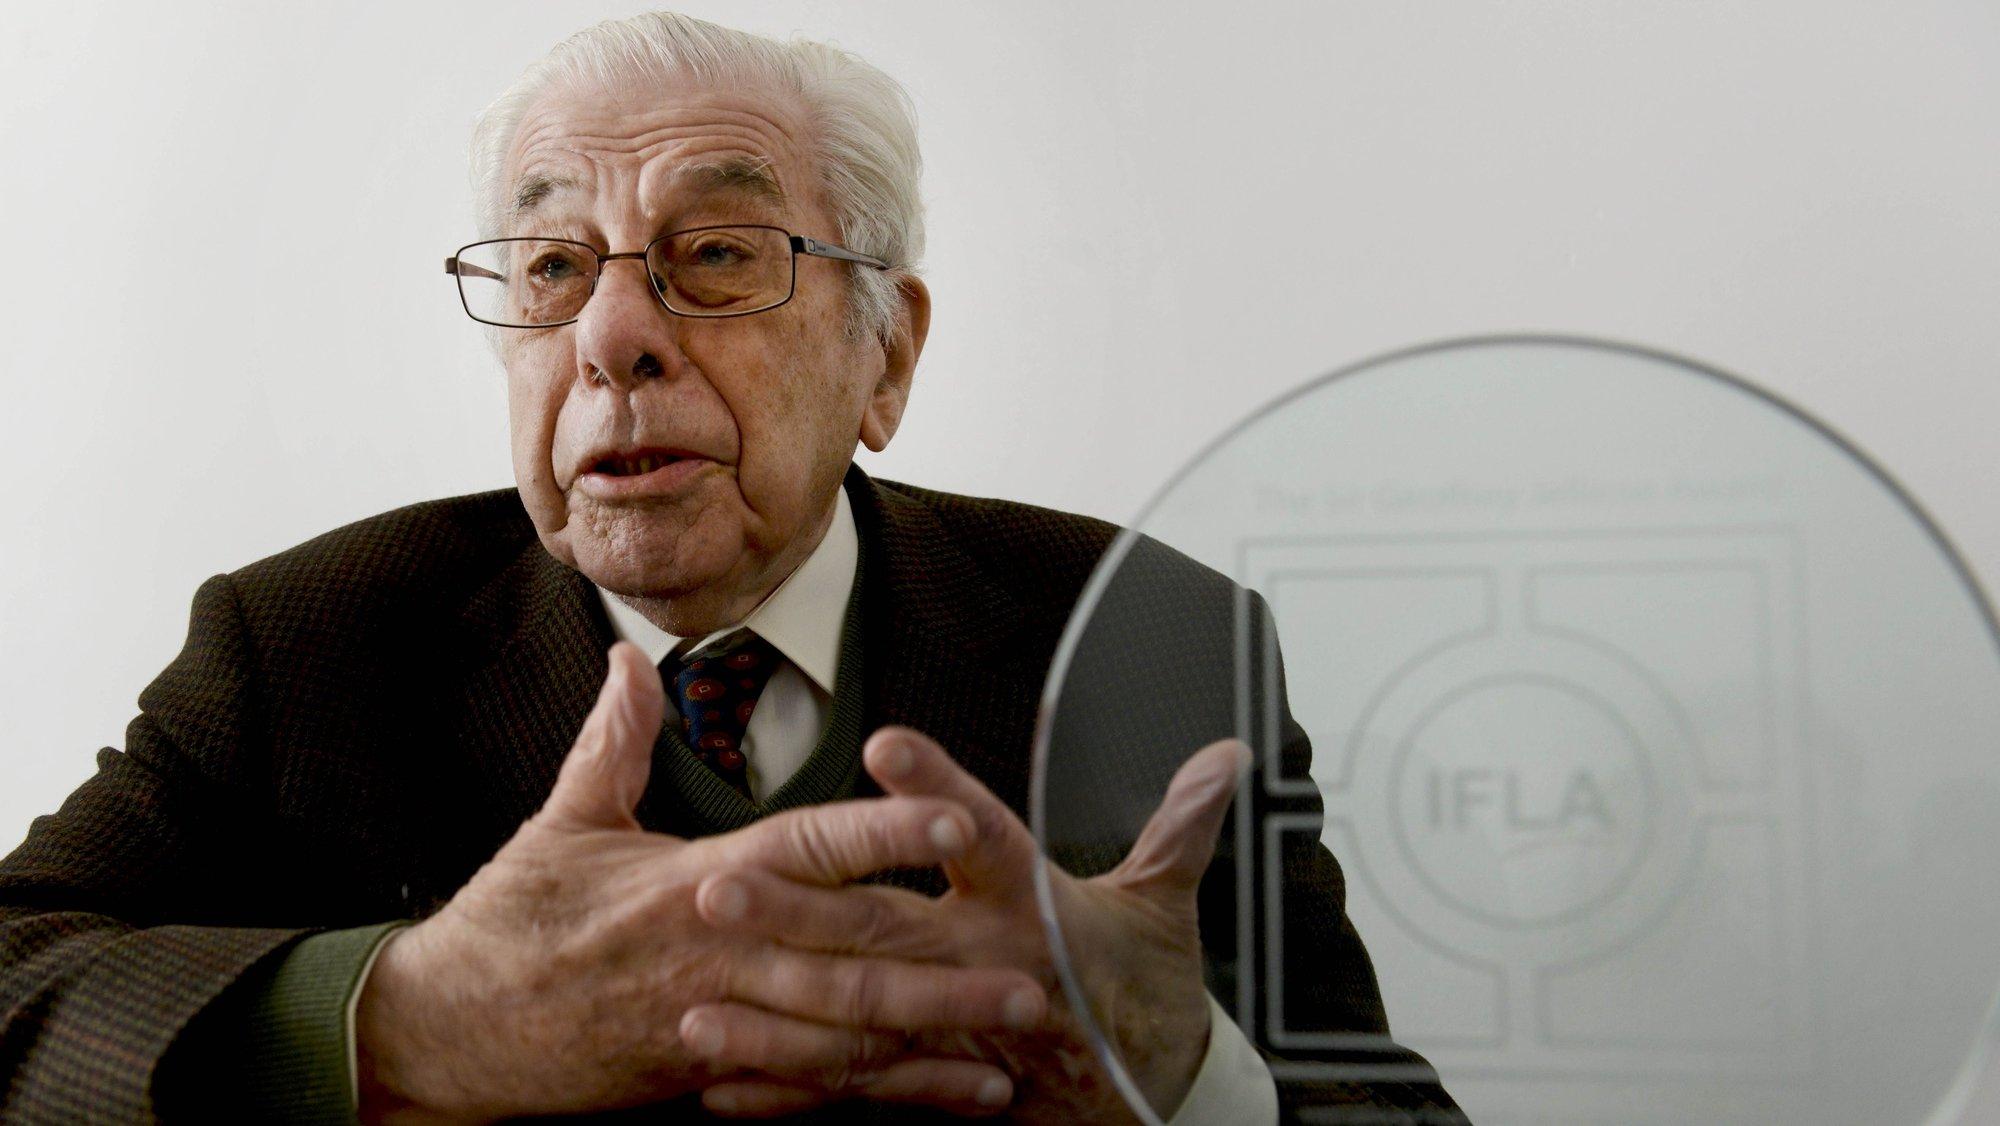 Foto de arquivo datada de 16 de abril de 2013 do arquiteto paisagista Gonçalo Ribeiro Telles, tendo ao seu lado o Prémio Internacional Sir G. Jellicoe, que hoje faleceu com a idade de 98 anos, Lisboa, 11 de novembro de 2020. JOÃO CORDEIRO/LUSA